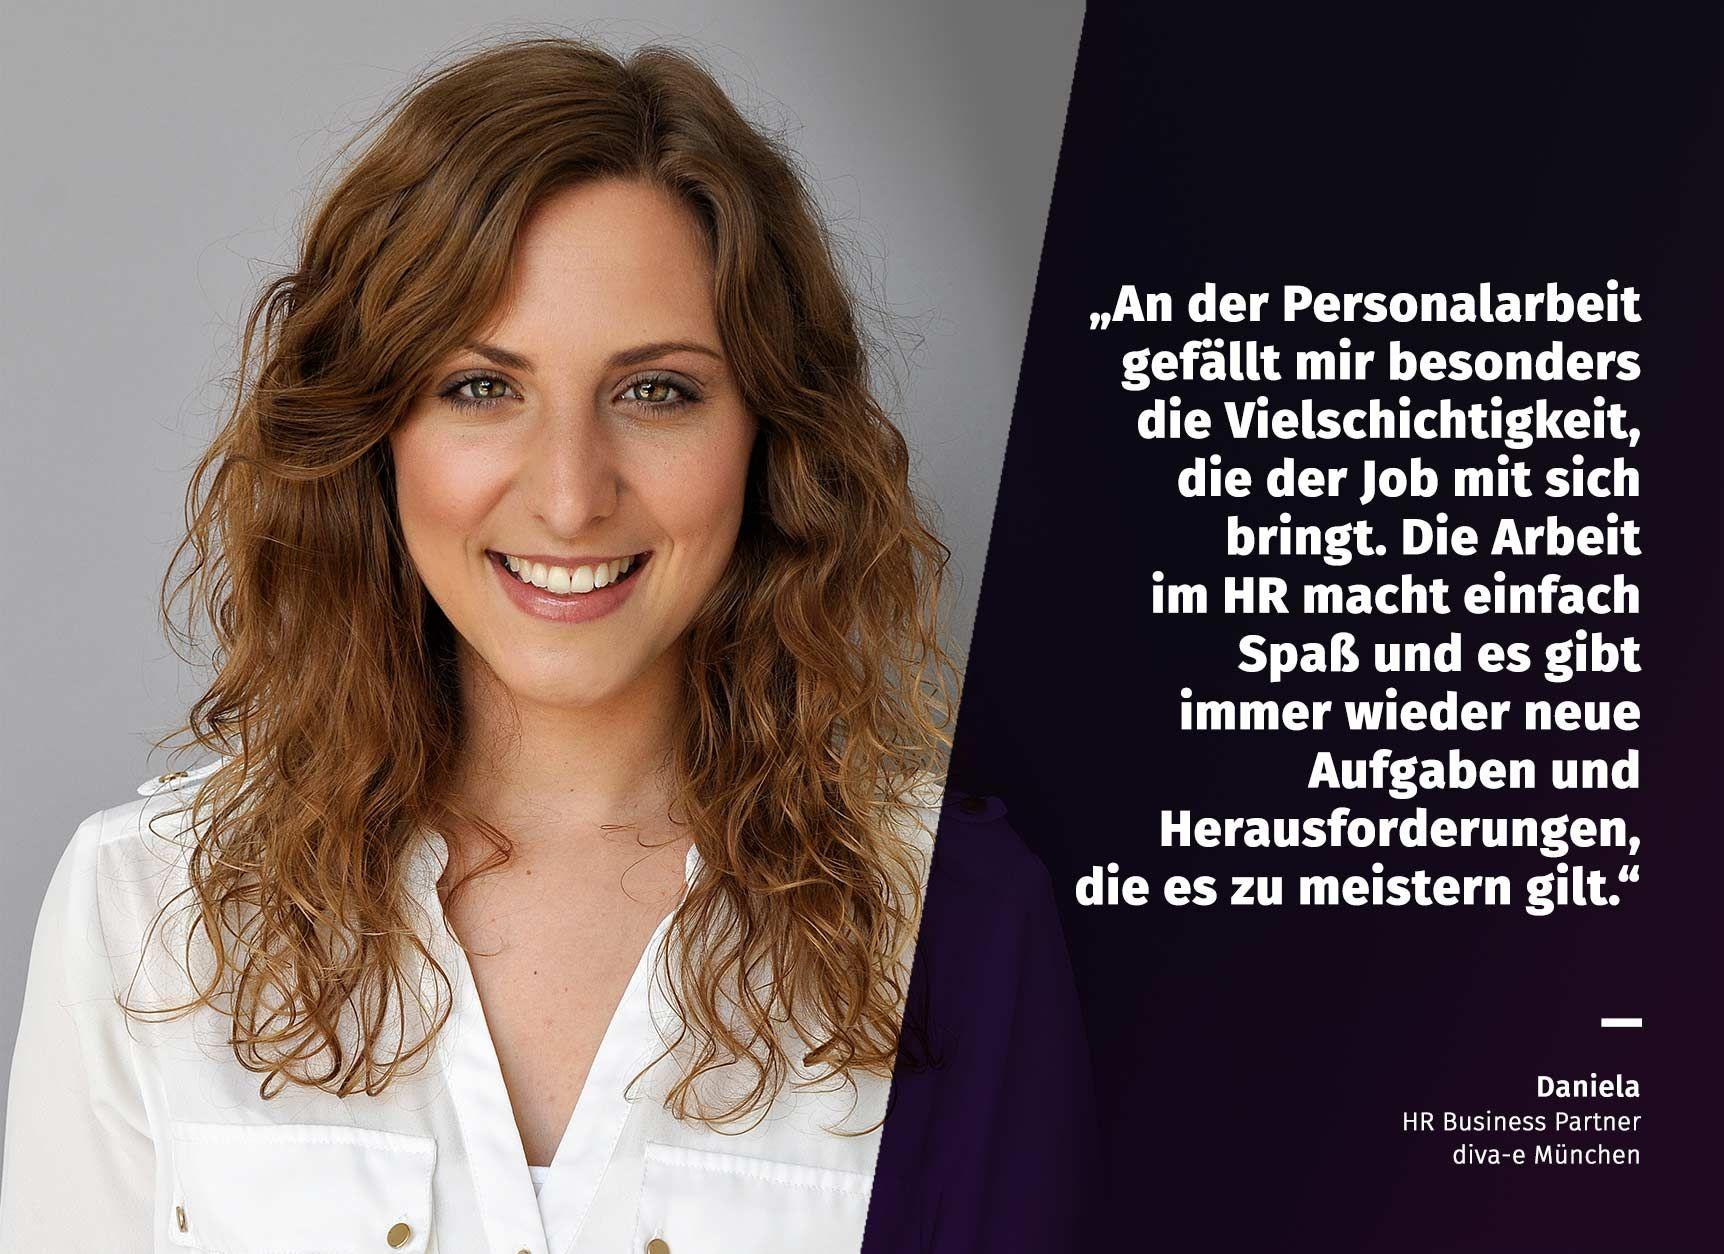 Einblicke in unser HR Team: Daniela, HR Business Partner am Standort München